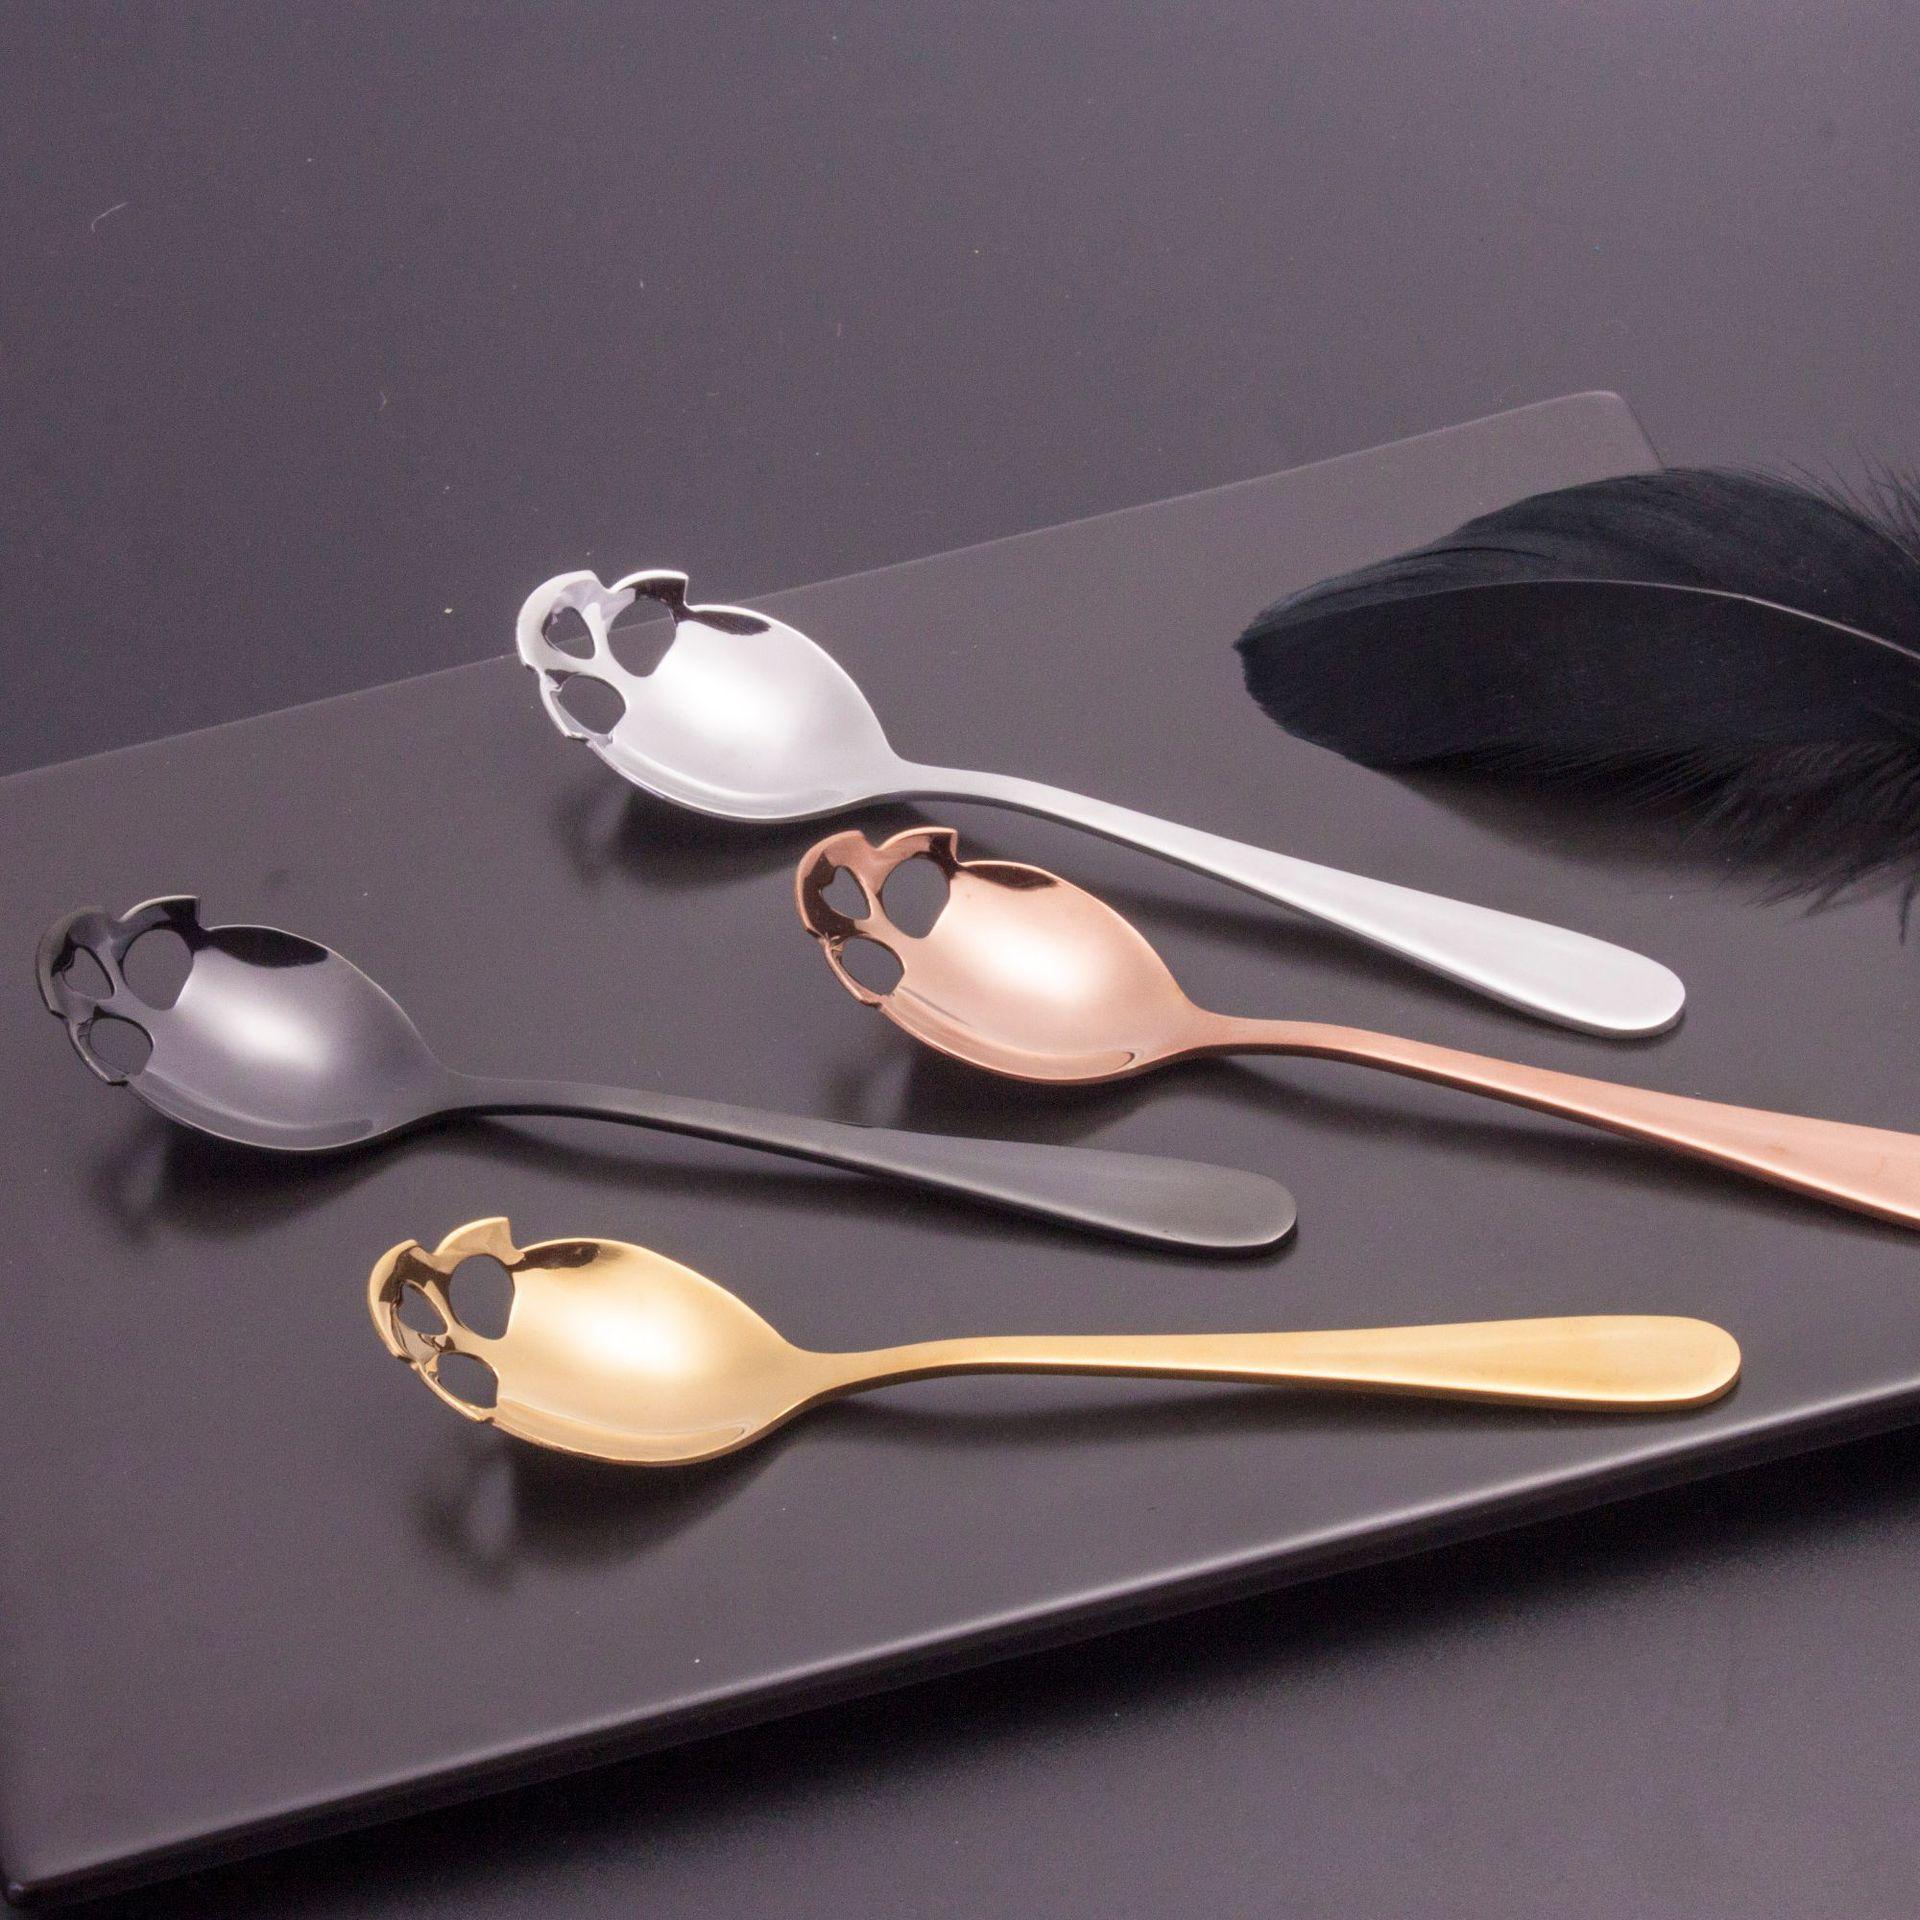 Kafatası Kaşık Kahve Kepçe Çay Kaşığı Çırpılmış Çelik Karıştırma Tatlı Yenilik İçecek Sofra Mutfak Aletleri